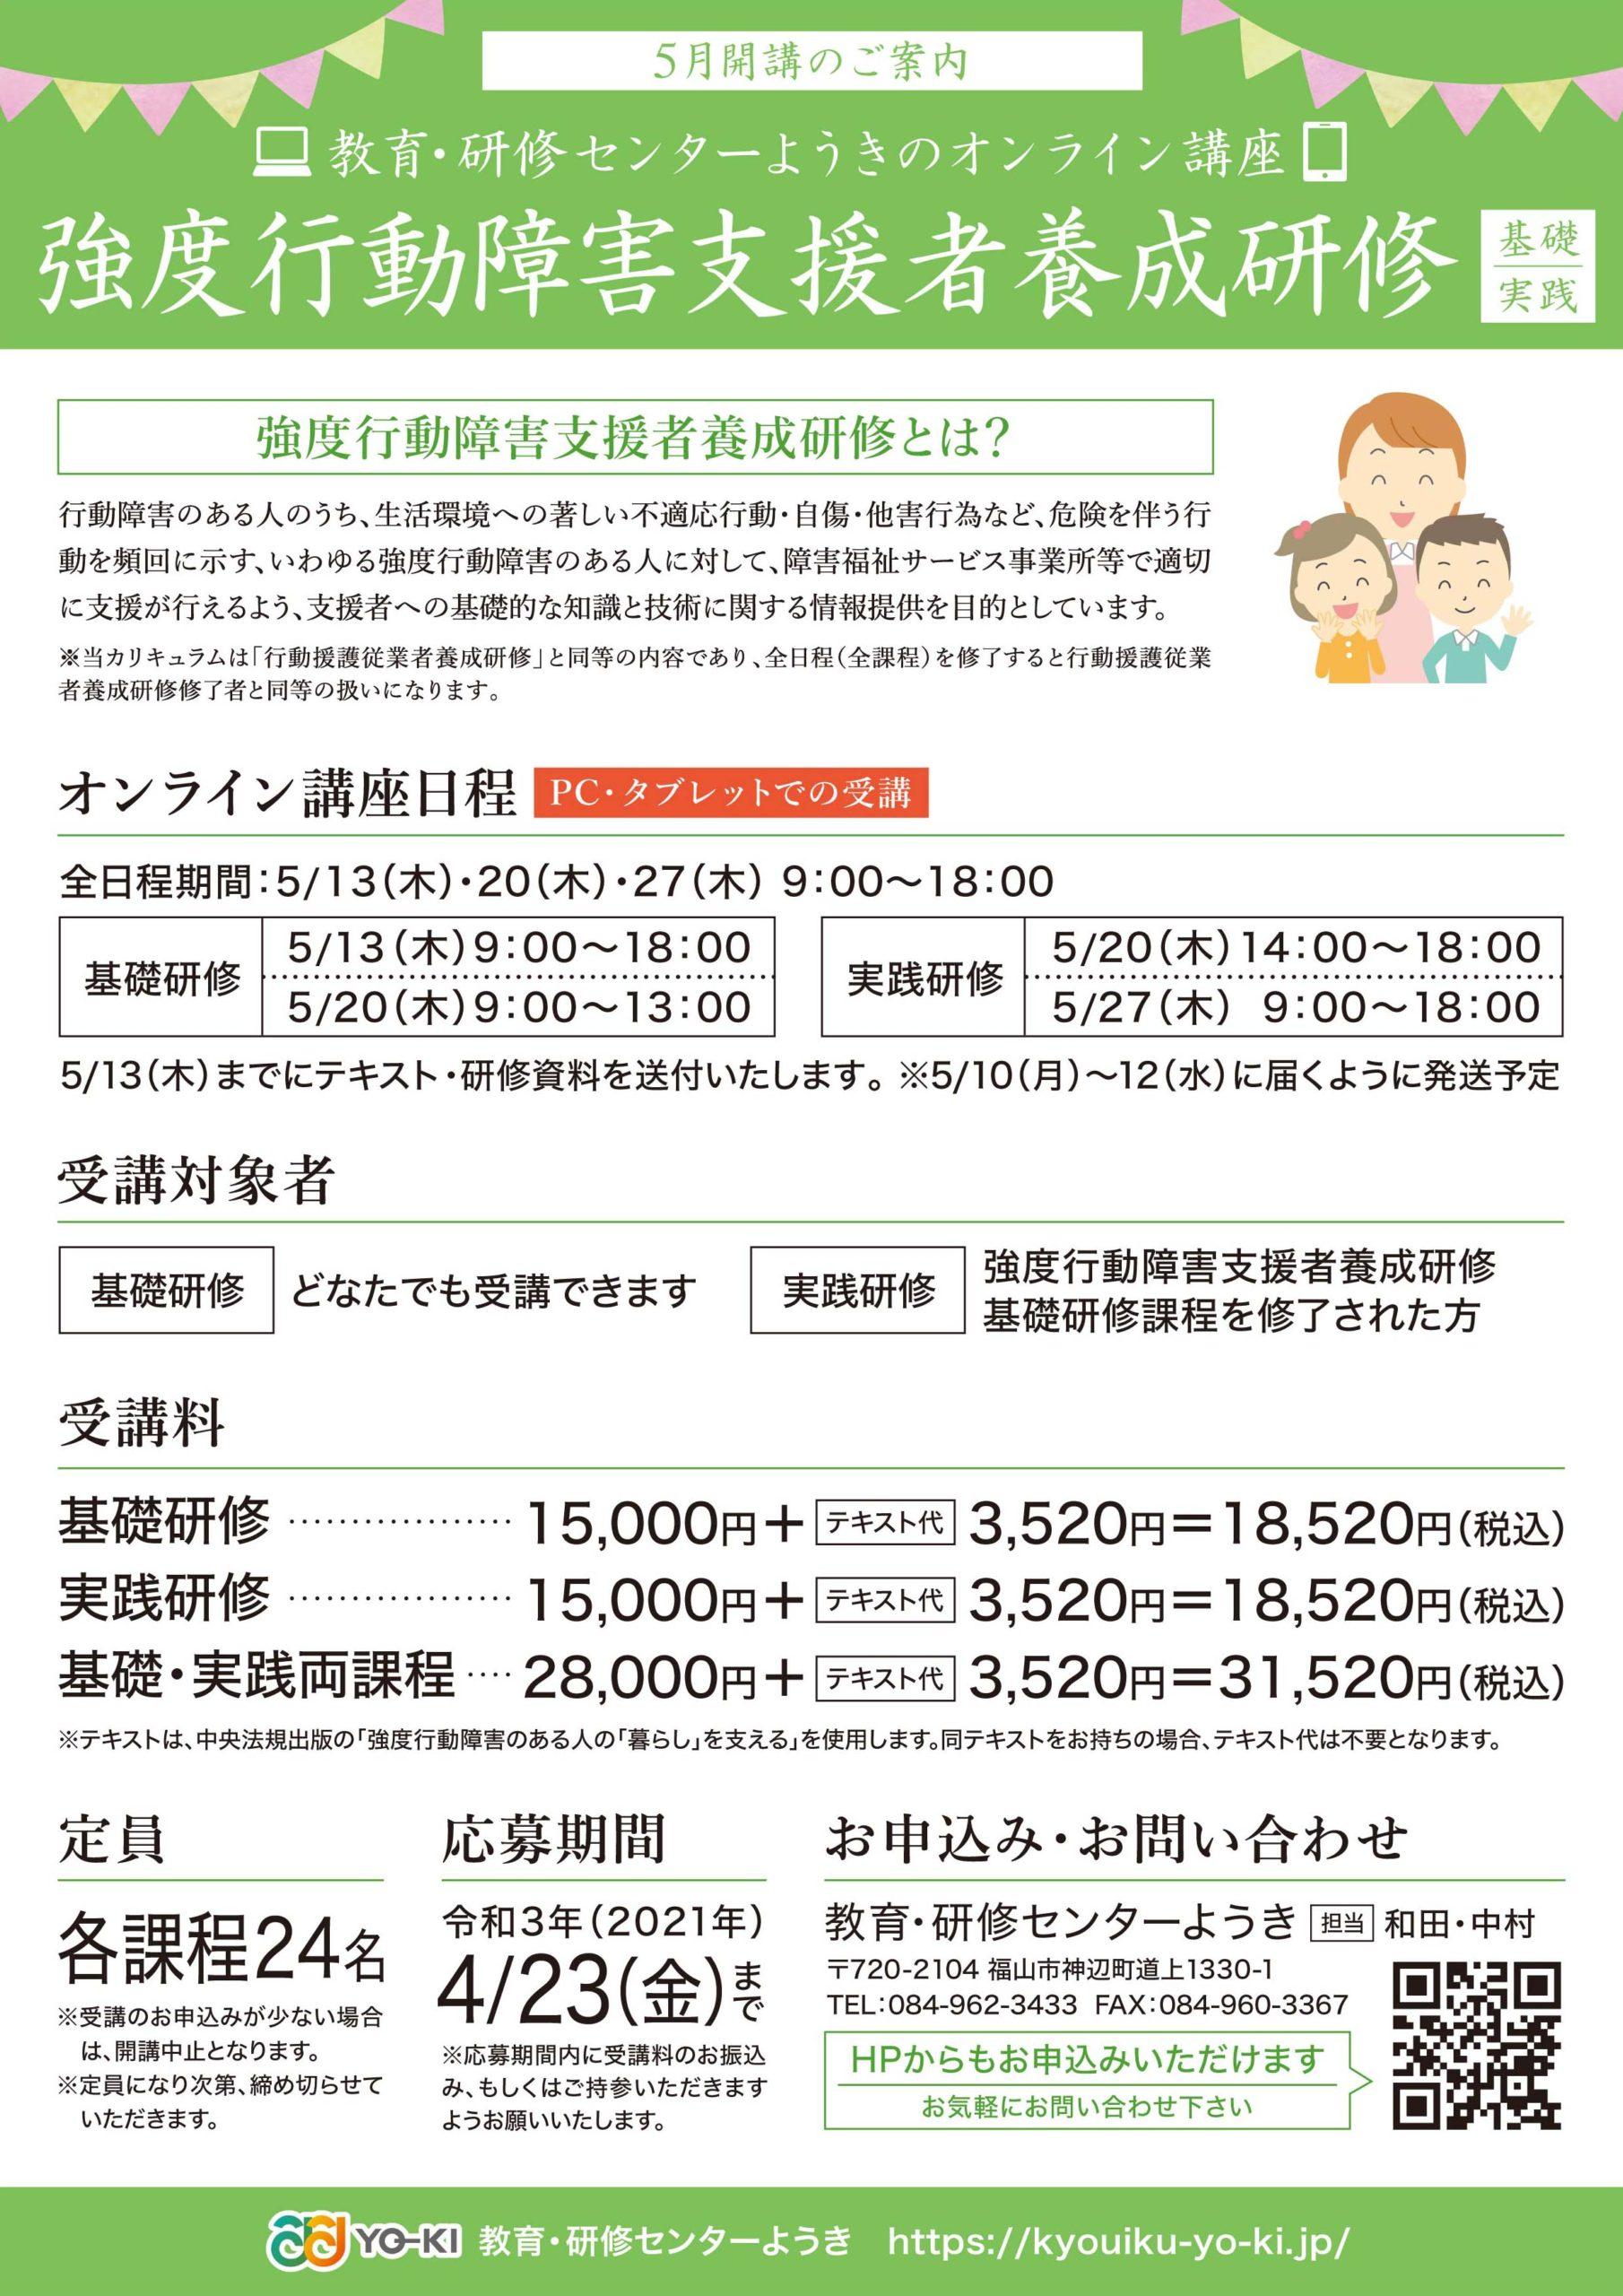 強度行動障害支援者養成研修チラシ(2021-05)オンライン-オモテ